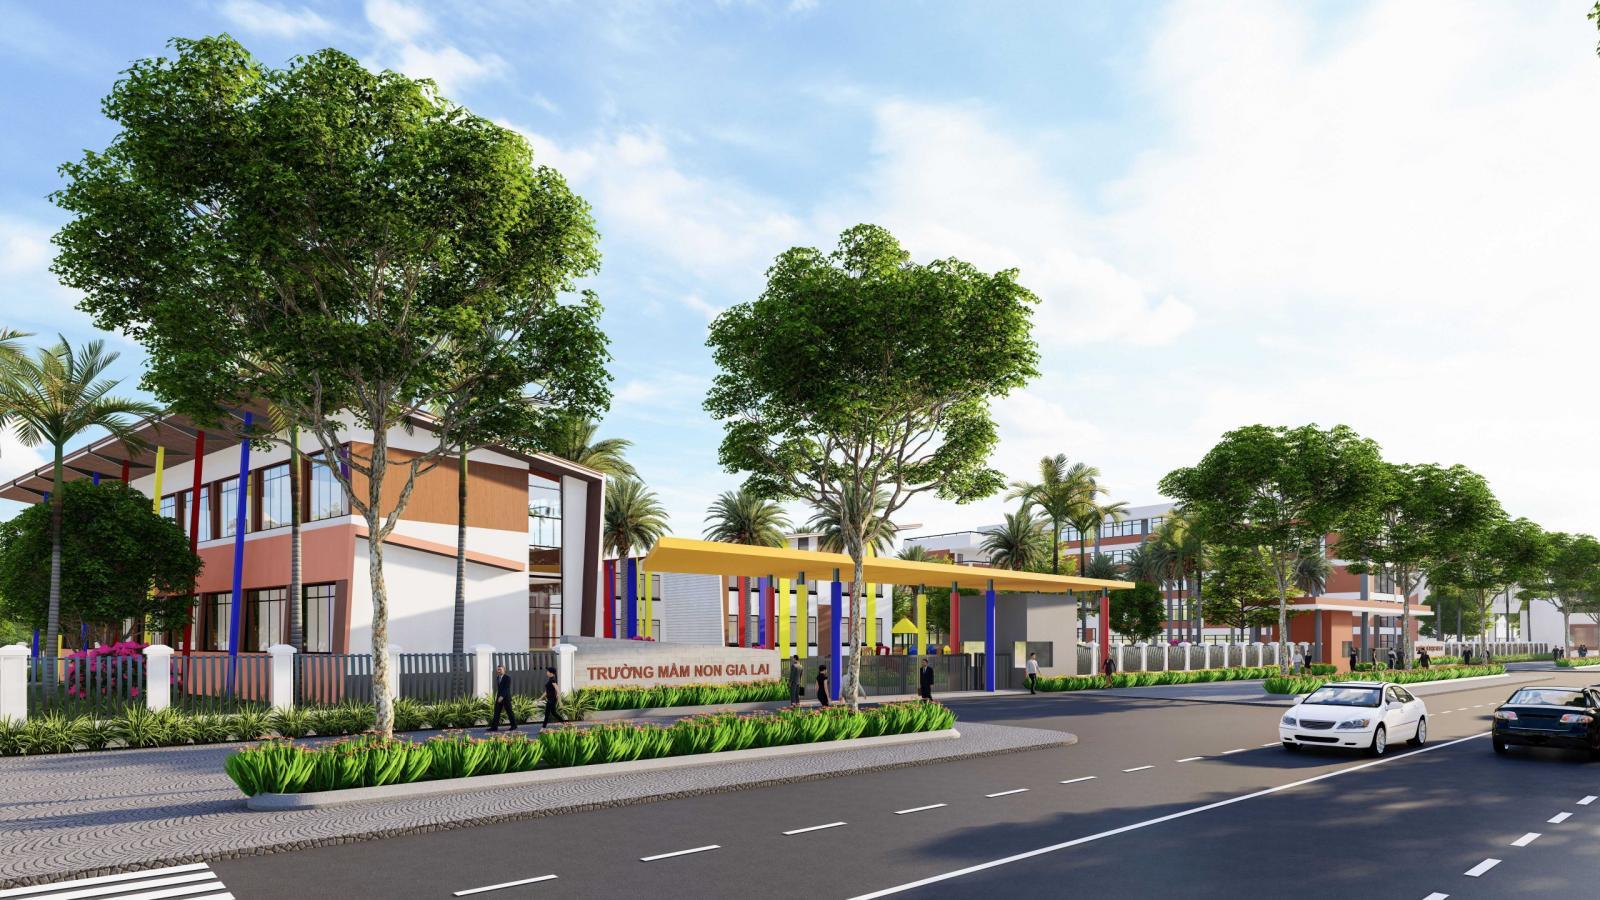 Dự án khu đô thị mới Gia Lai New City 5